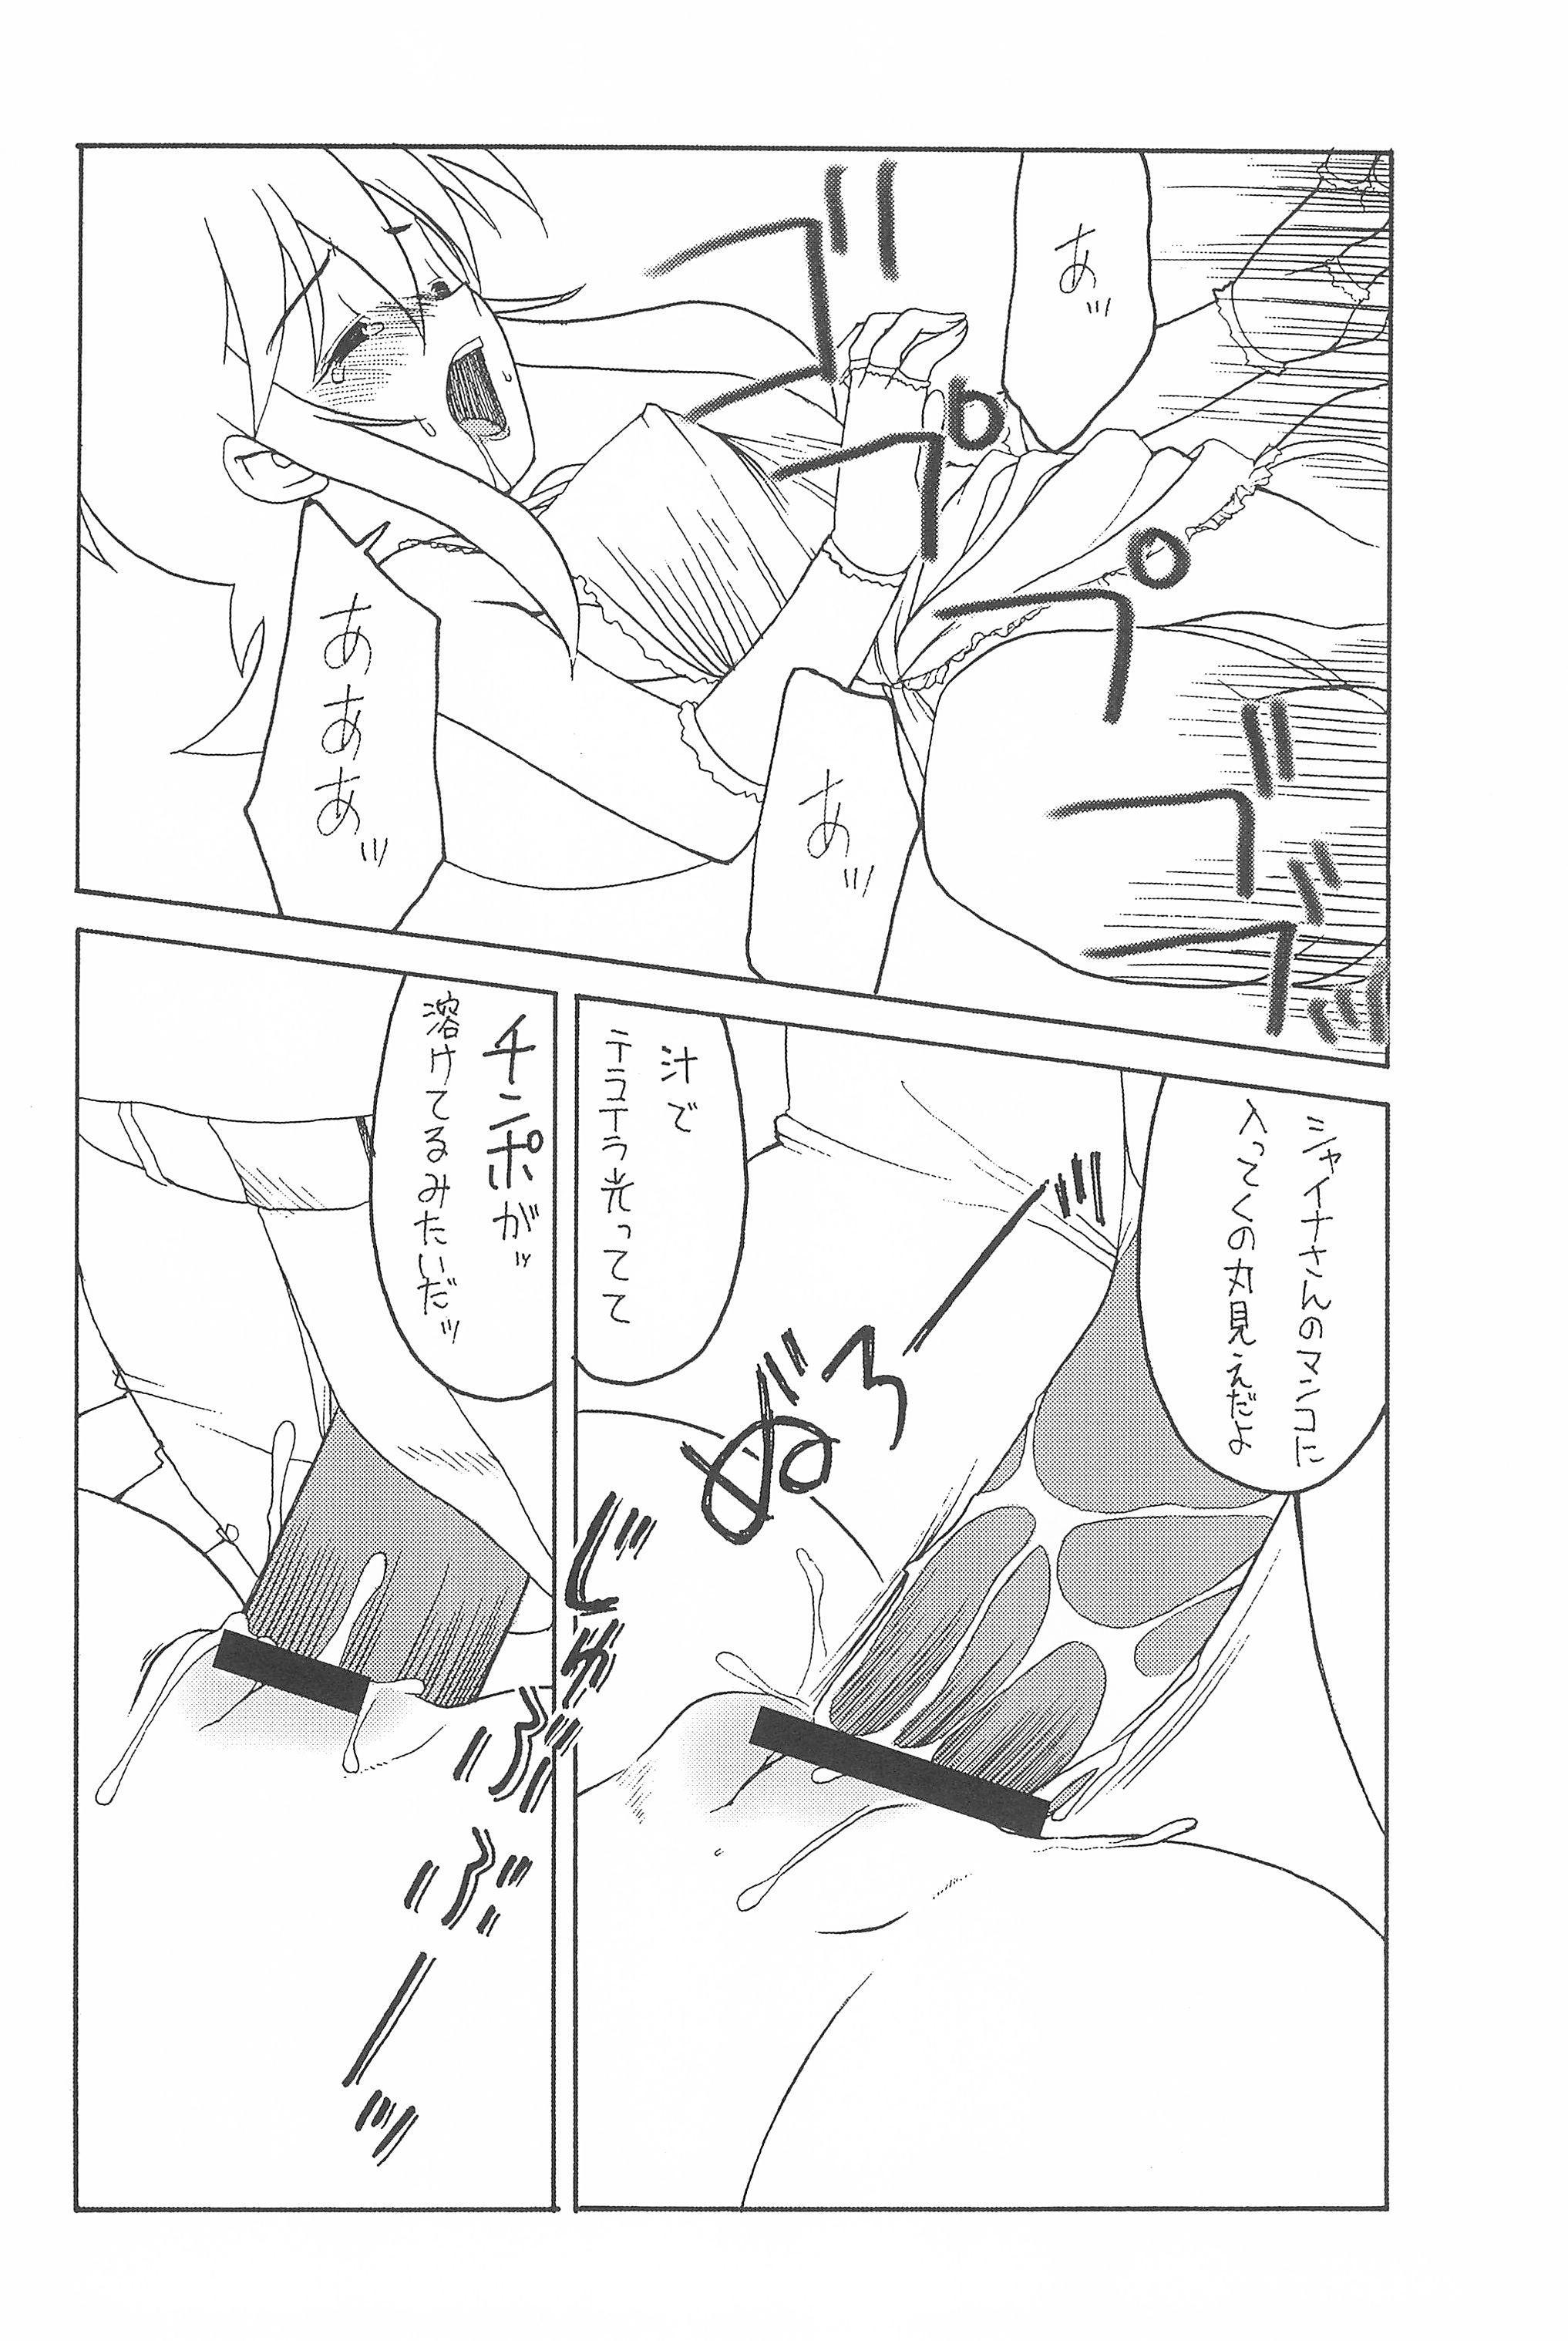 (SC22) [Shinobi no Yakata (Iwama Yoshiki) JEWEL-BOX 10 LOLITA-SARAD (Various) 53